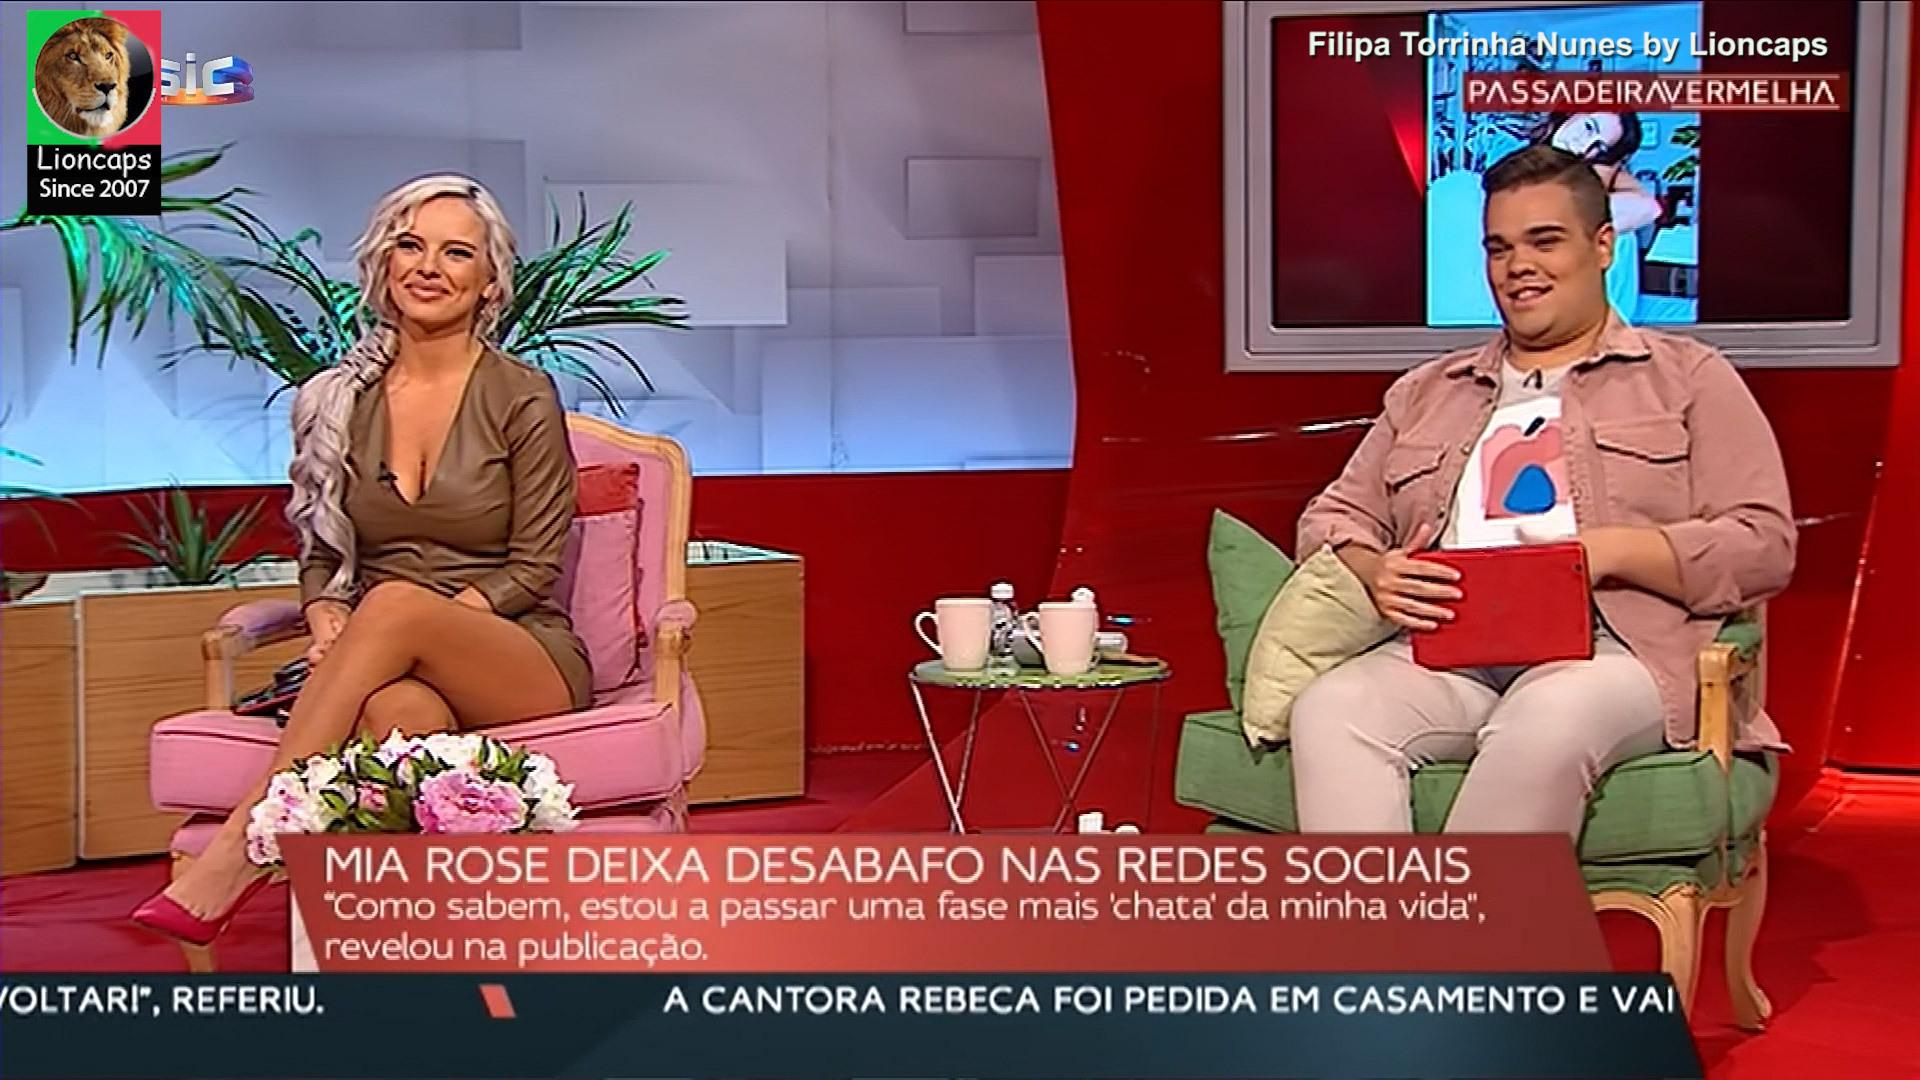 filipa_torrinha_nunes_passadeira_lioncaps_16_02_2021_02 (8).jpg